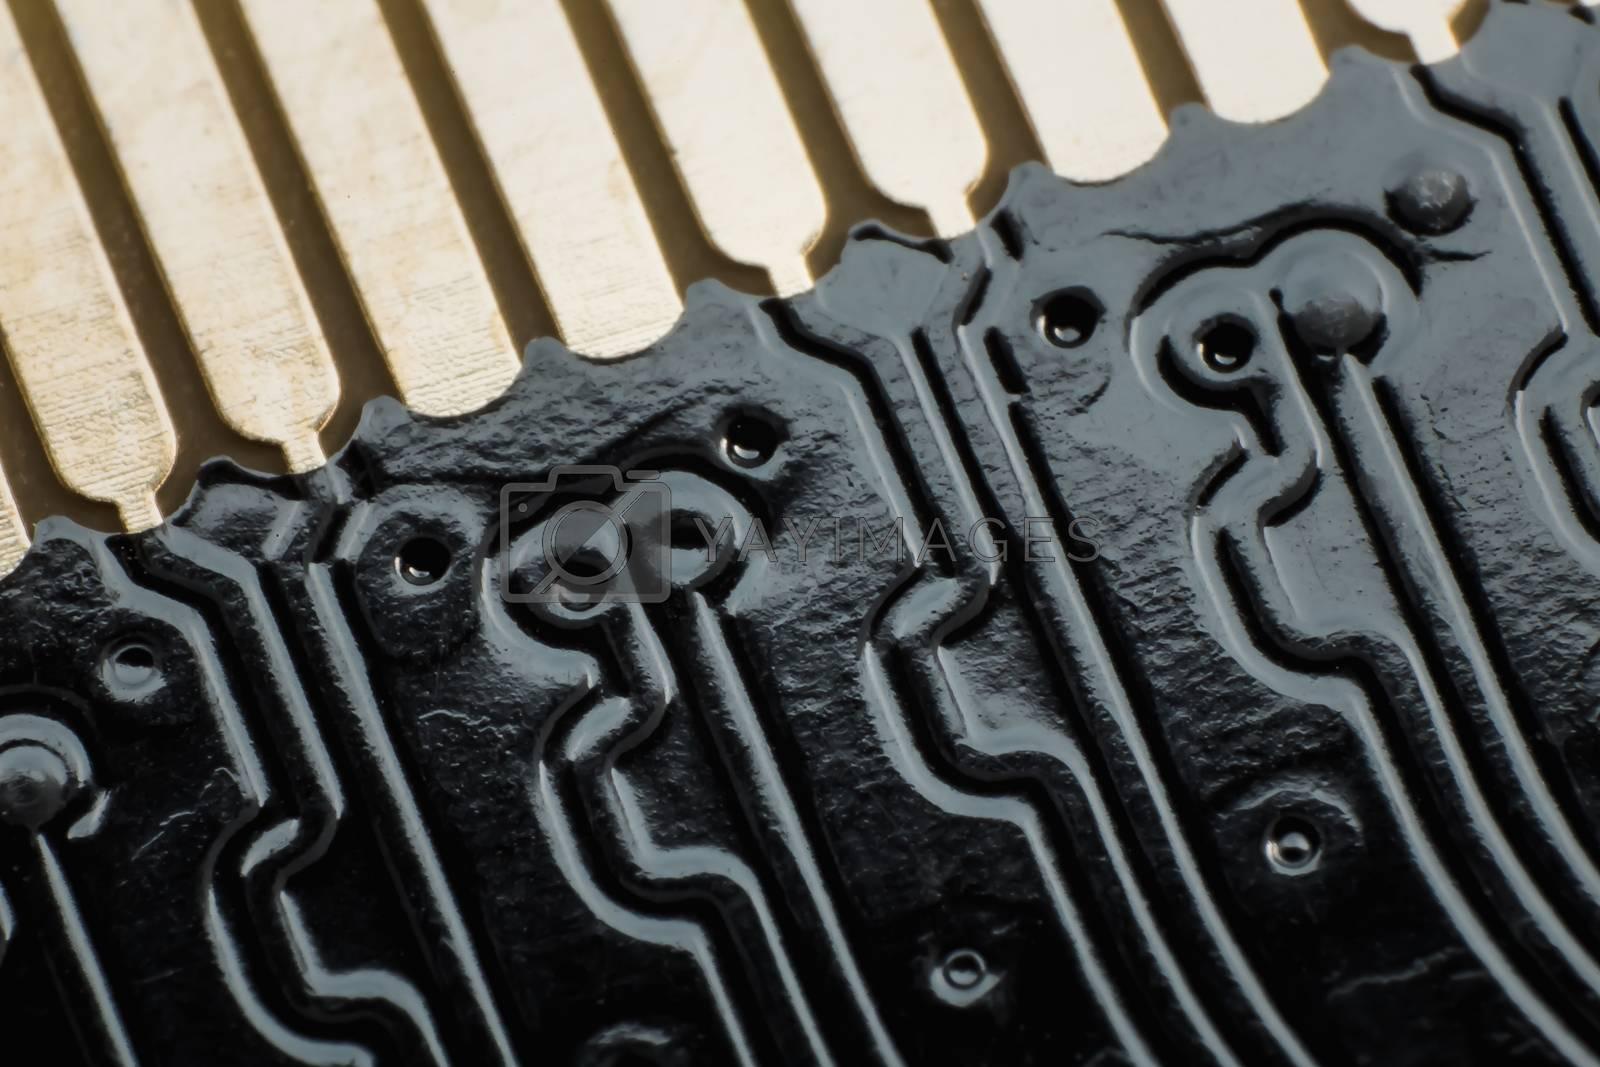 Blur electronic circuit close up computer